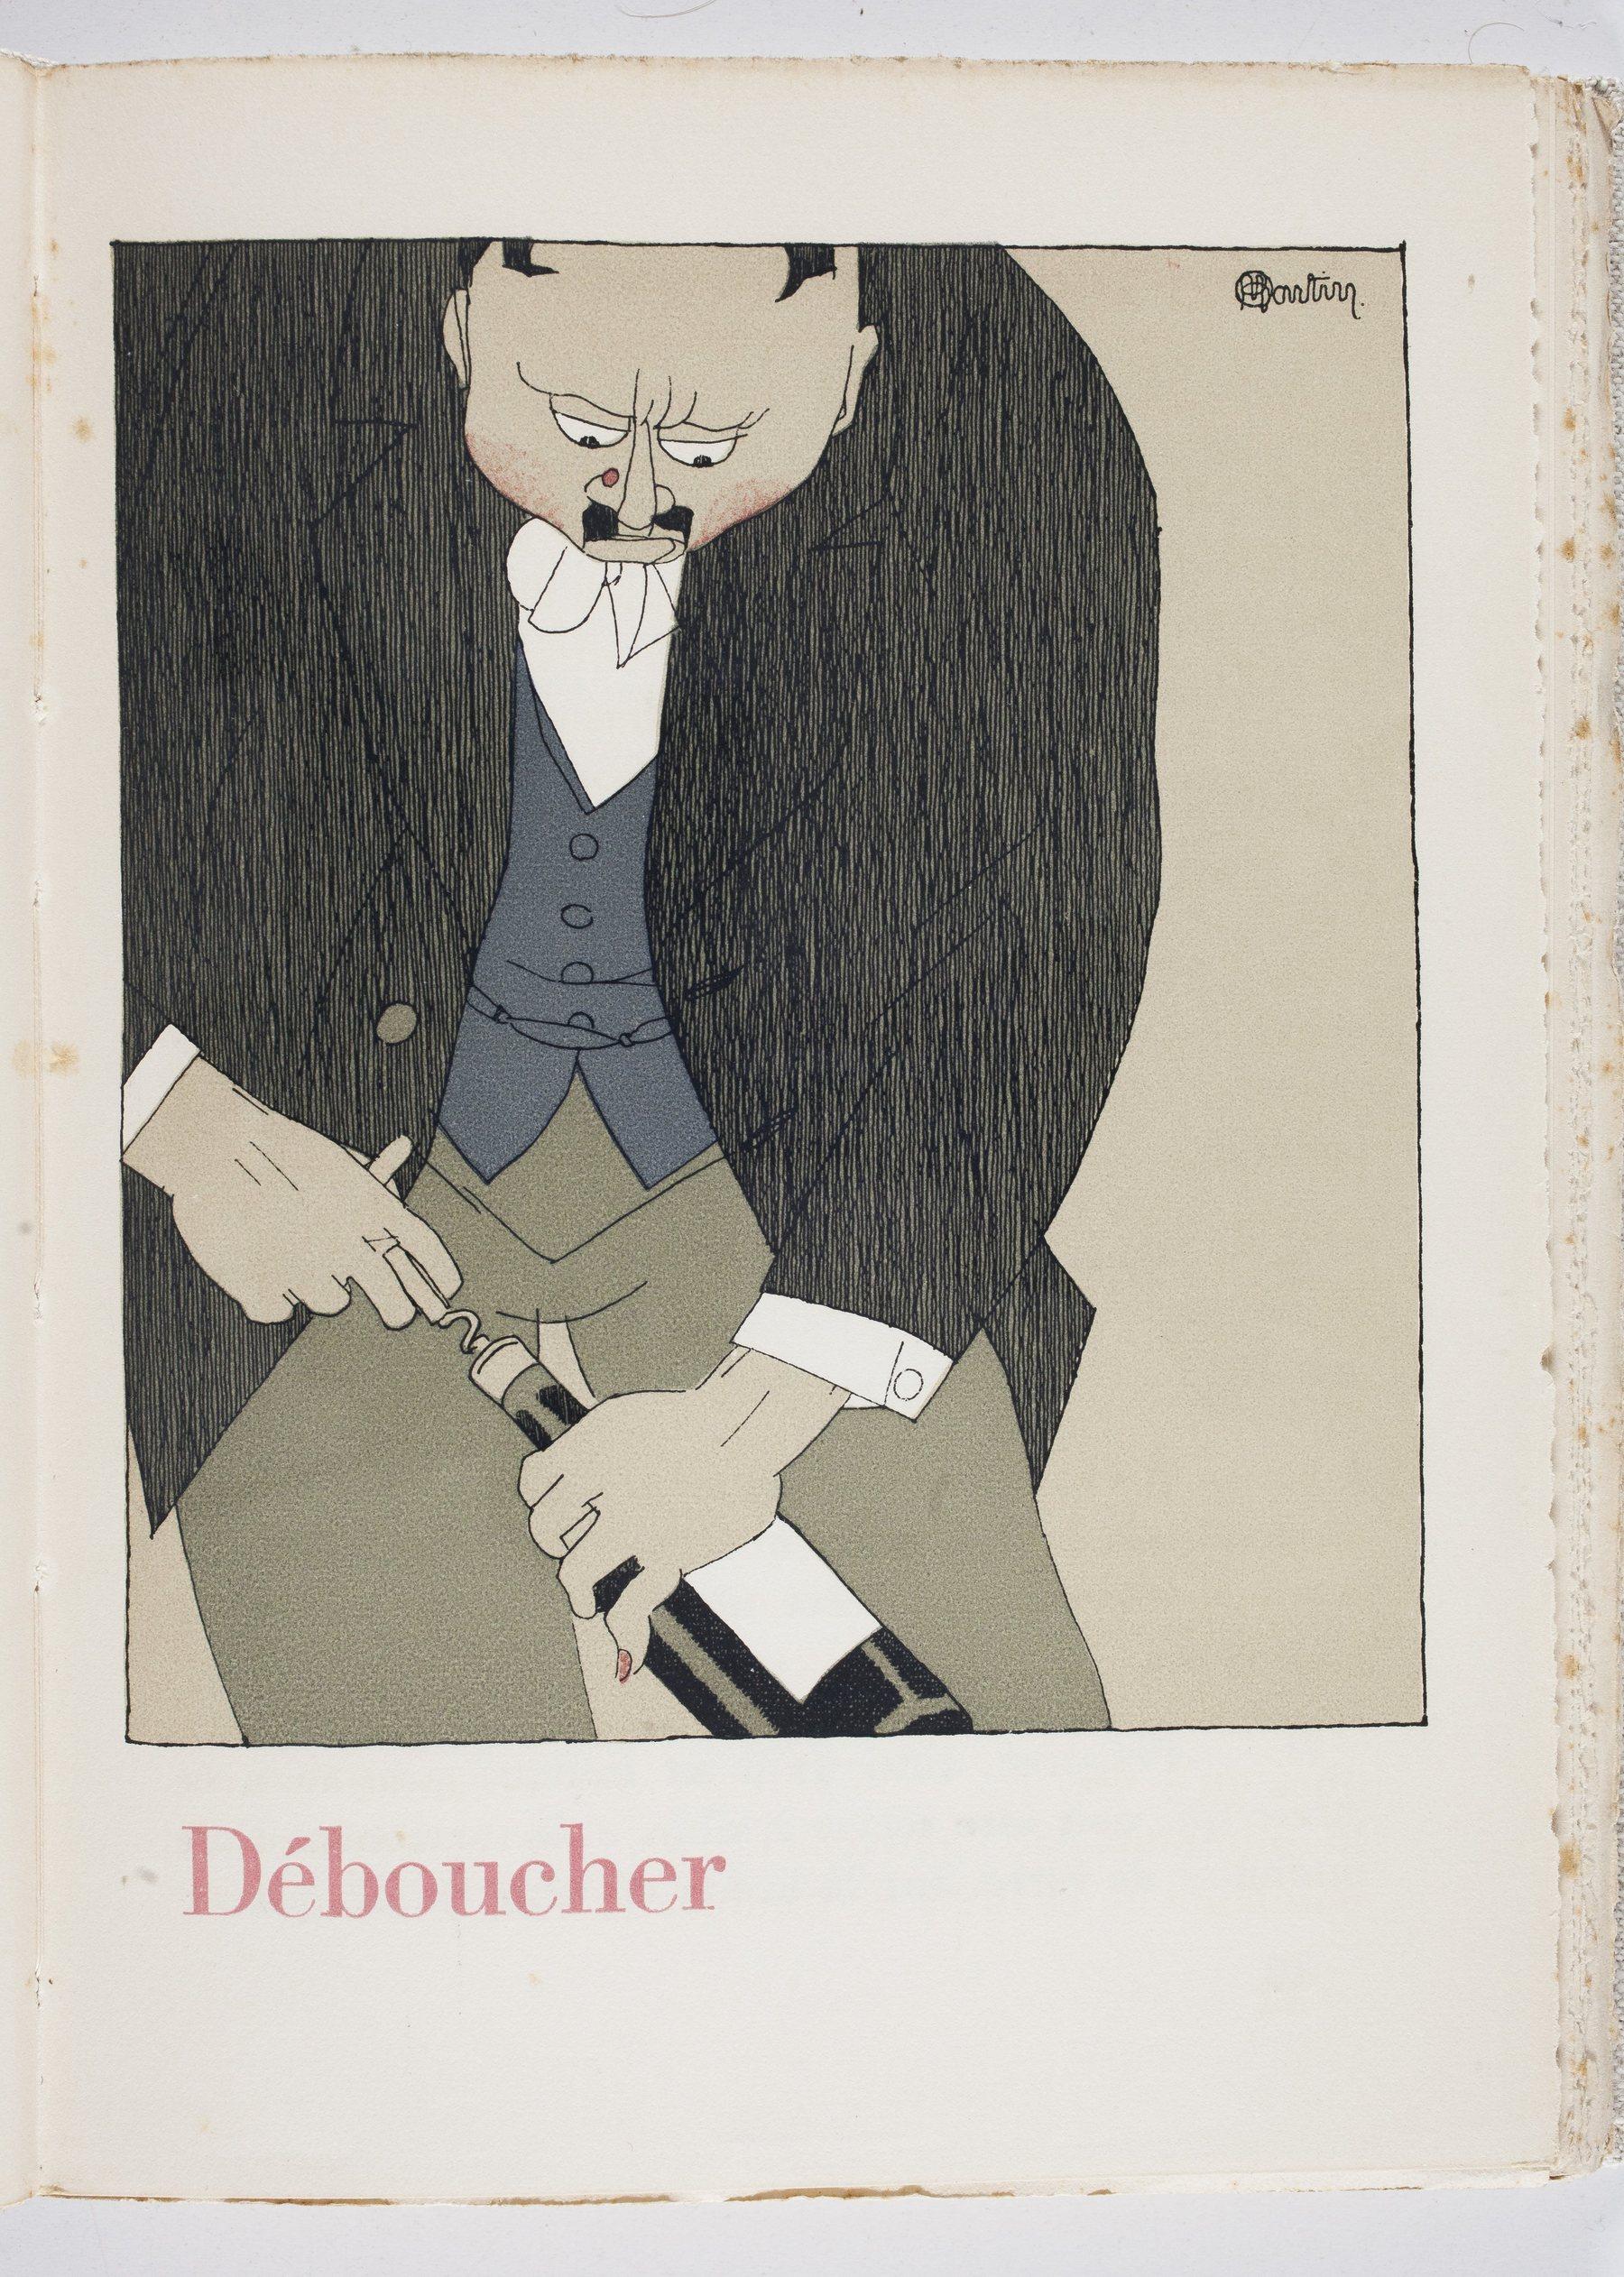 Contenu du Déboucher